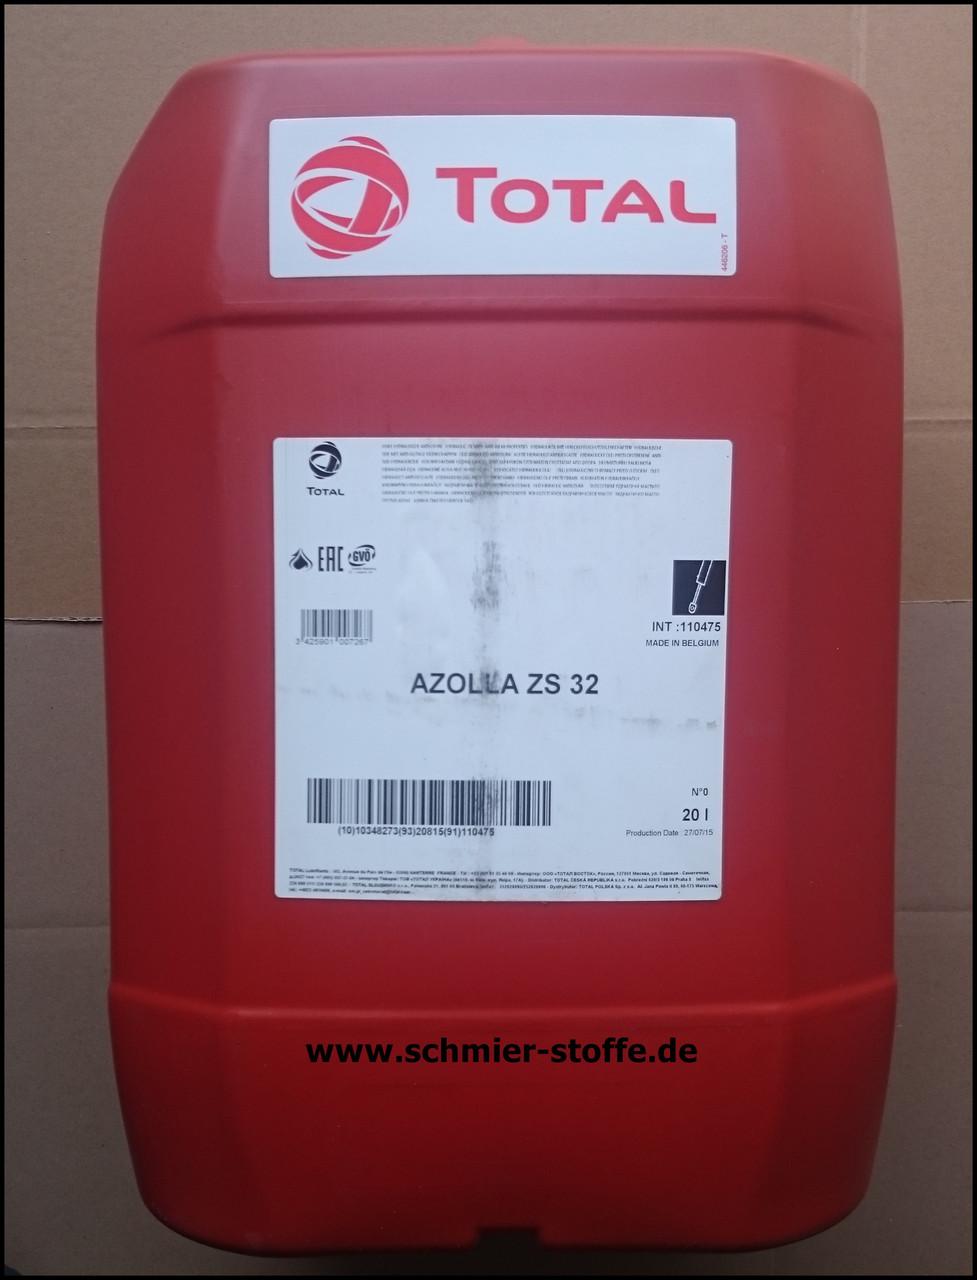 TOTAL AZOLLA ZS 32 гидравлическое масло с противоизносными свойствами 20л.